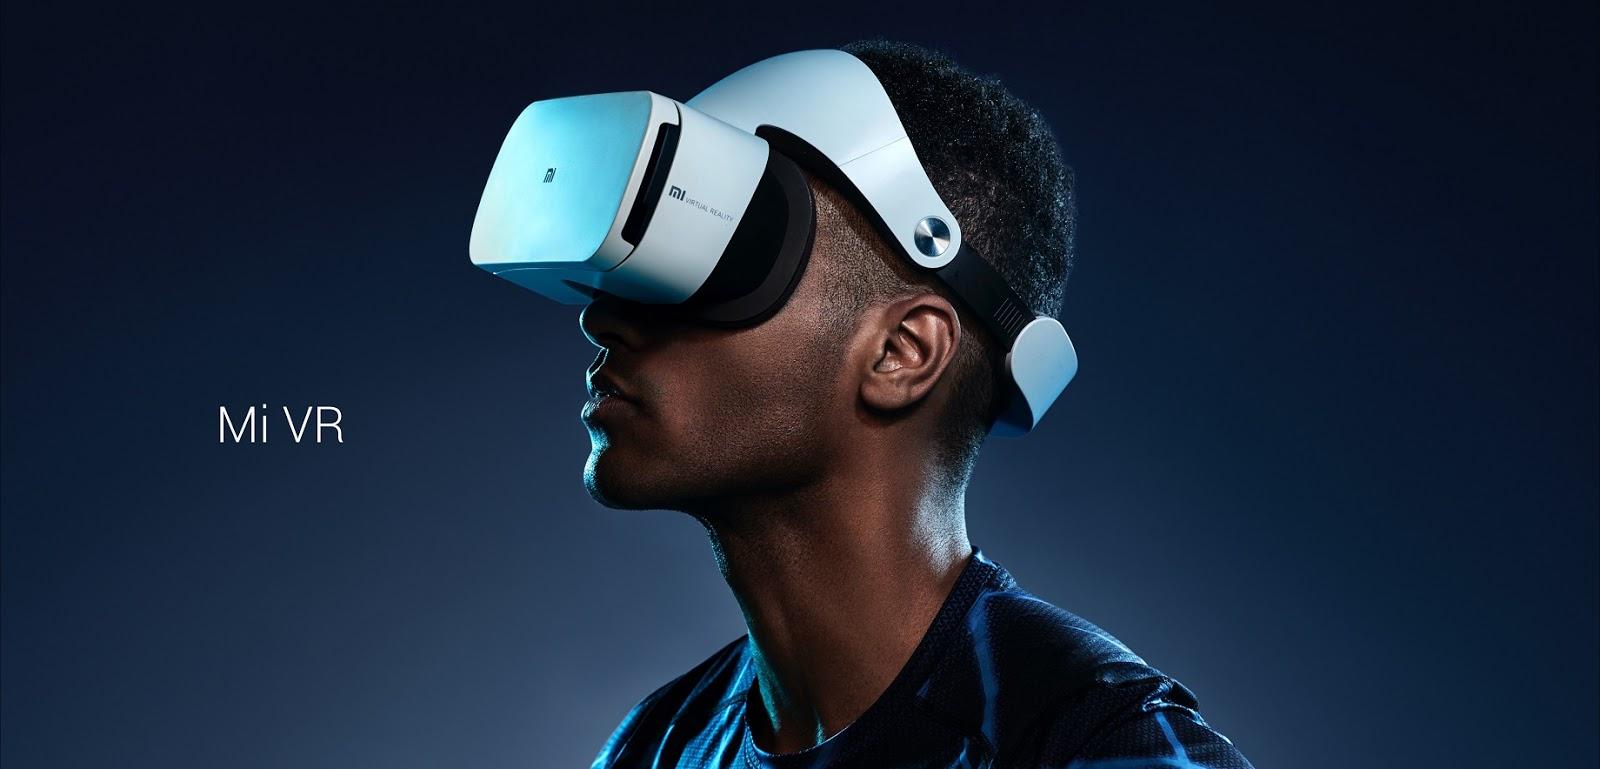 Xiaomi Mi Mix и Mi VR — безрамочная виртуальная реальность - 16